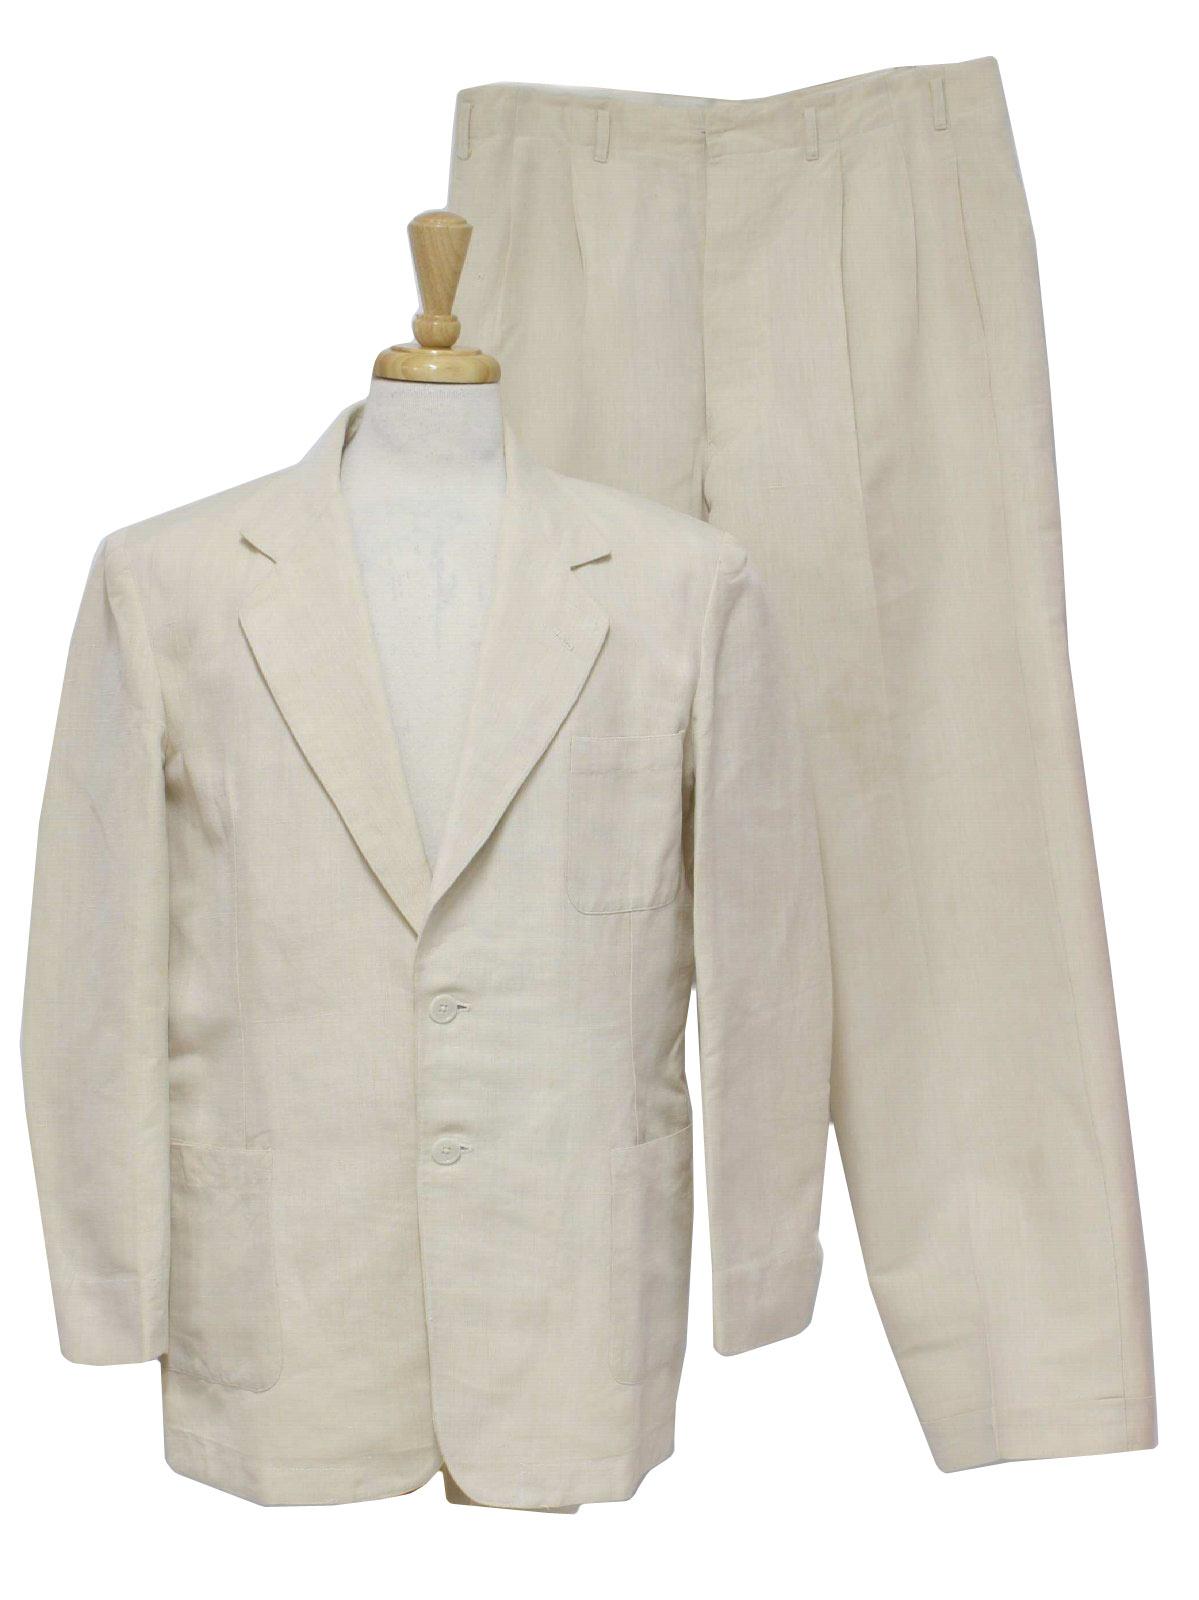 1930 S Vintage Suit Late 30s No Label Mens Two Piece